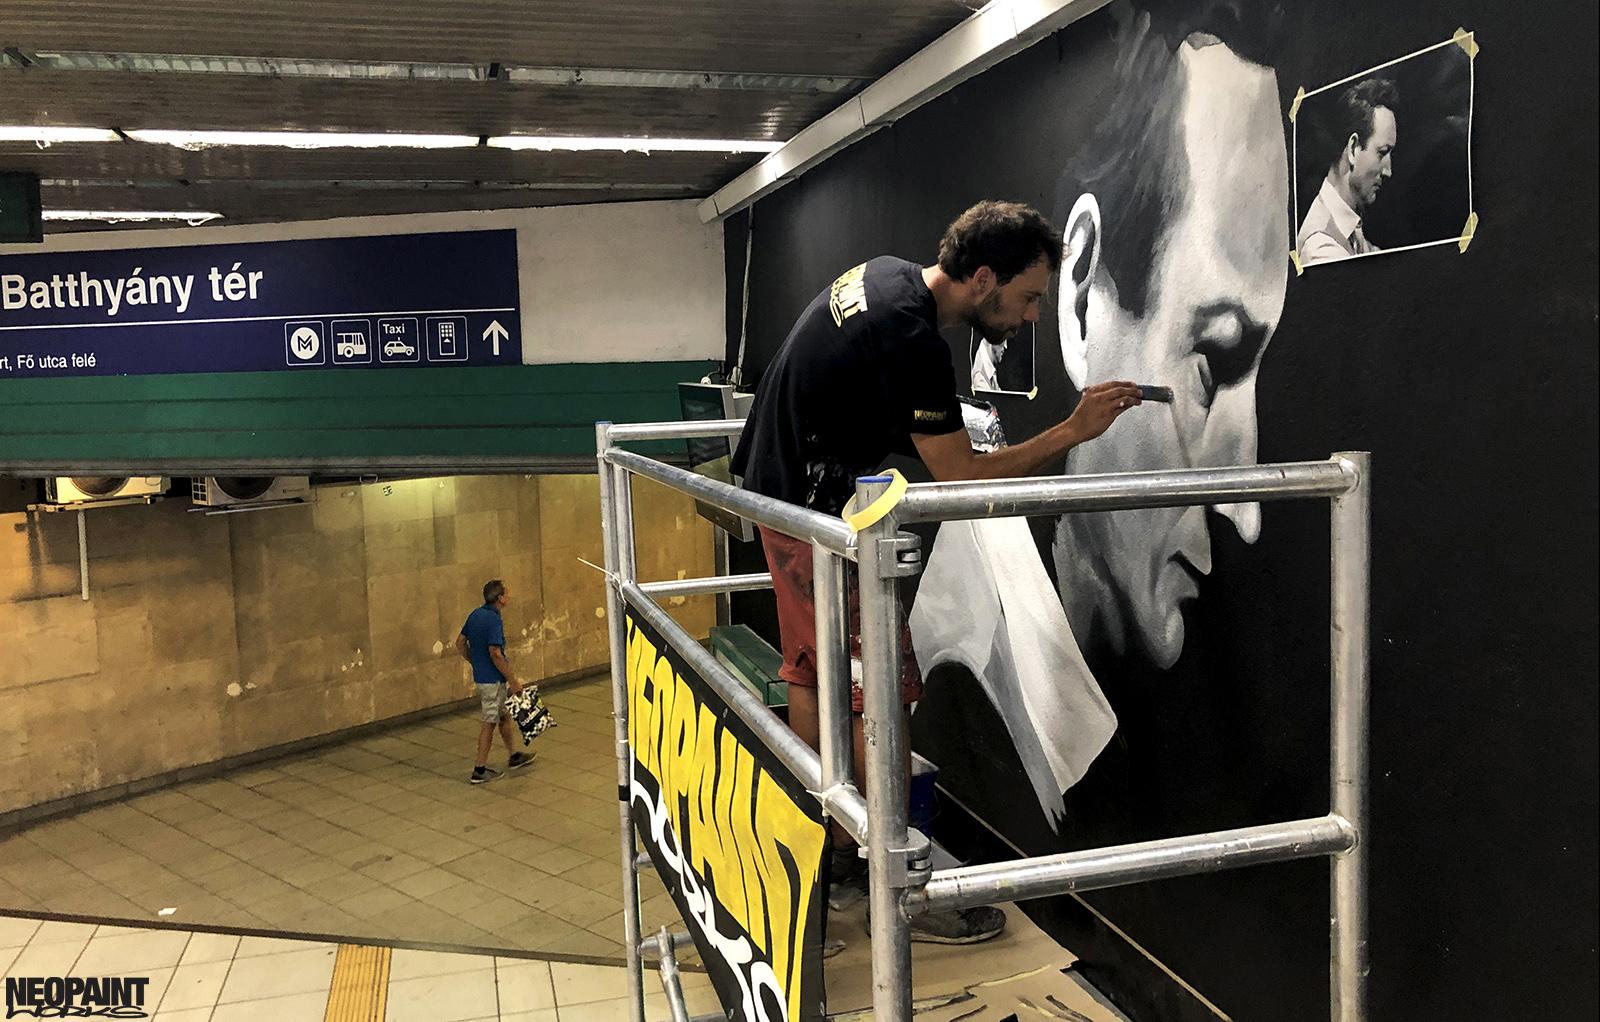 dekorációs falfestés - cziffra györgy - hév - graffiti - művészi falfestés - neopaint works